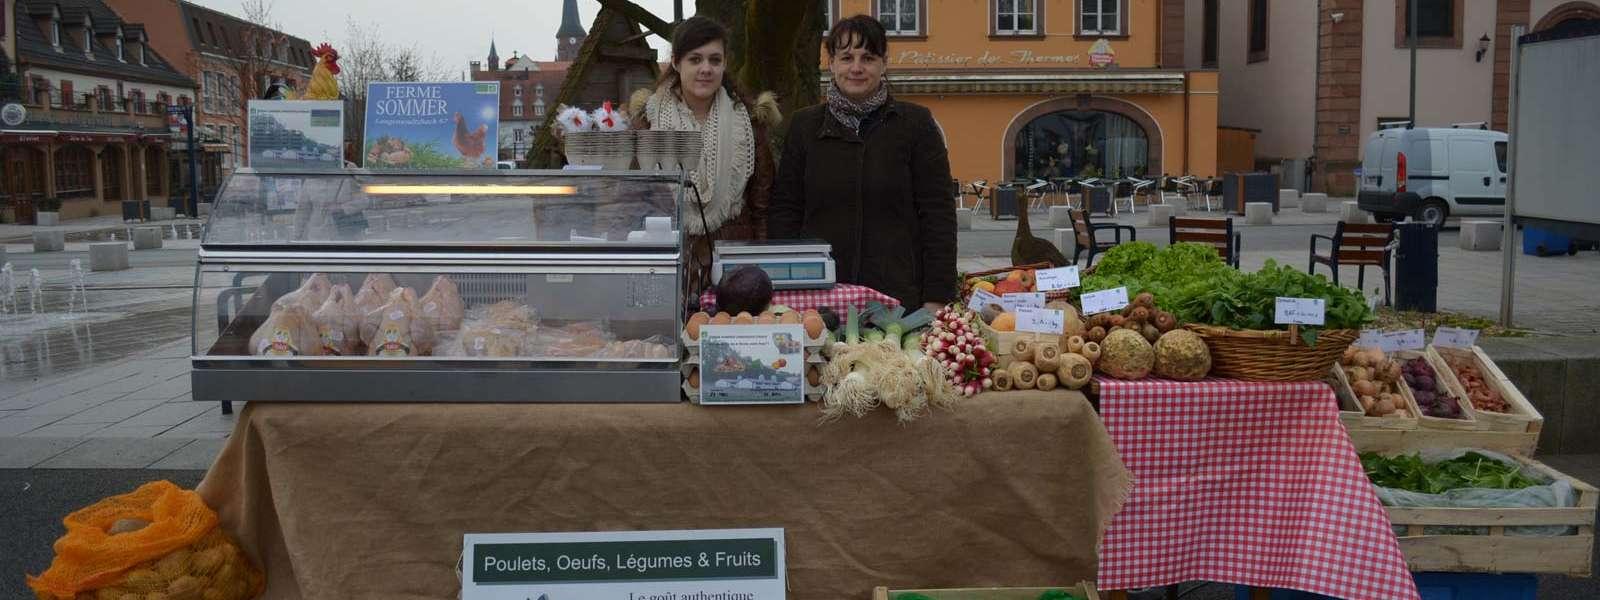 Marché du terroir et des produits équitables, Alsace